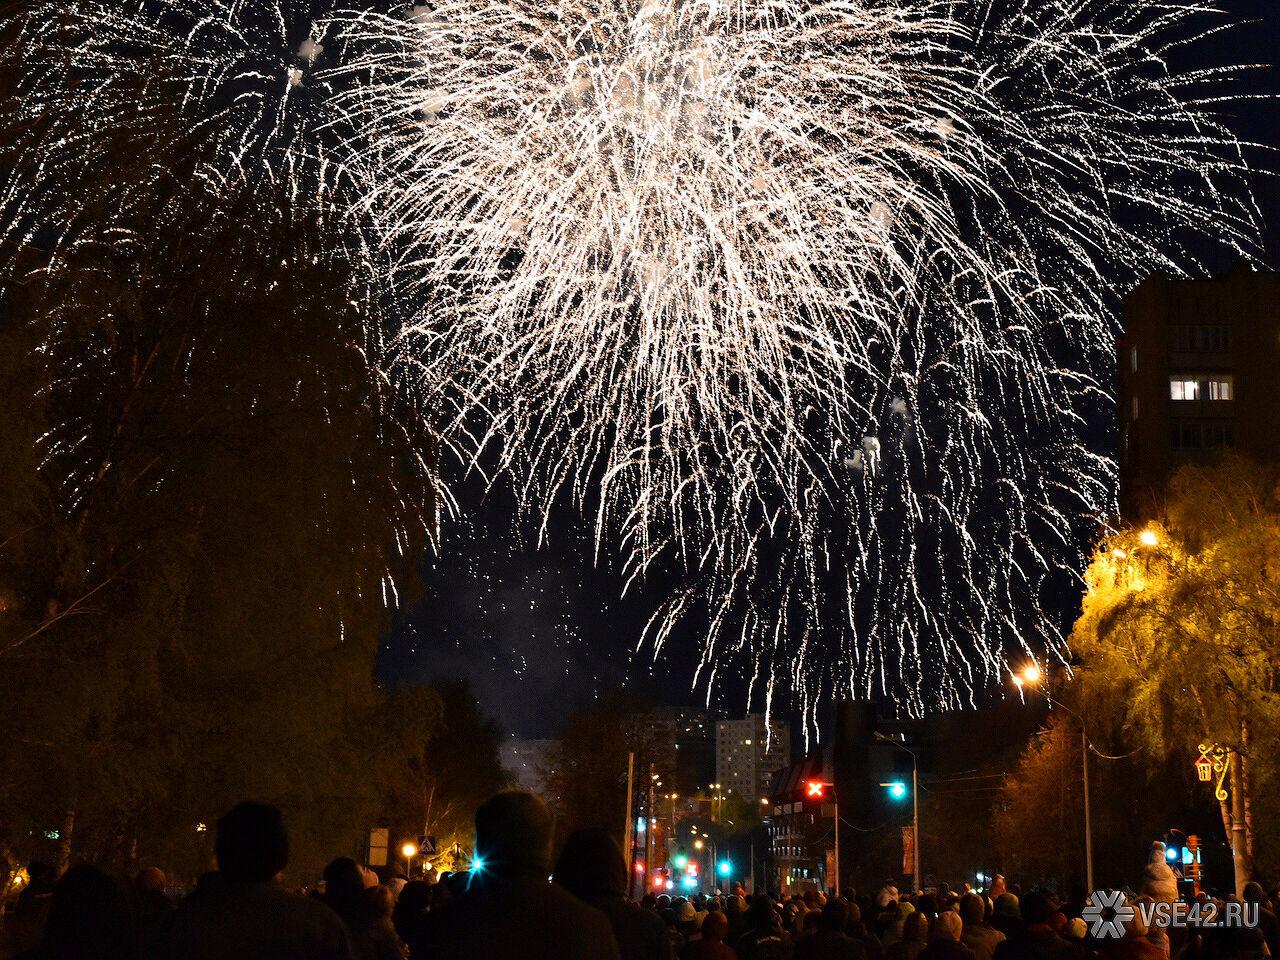 Неменее 10 зон отдыха появится вКемерово кпразднованию 100-летия города